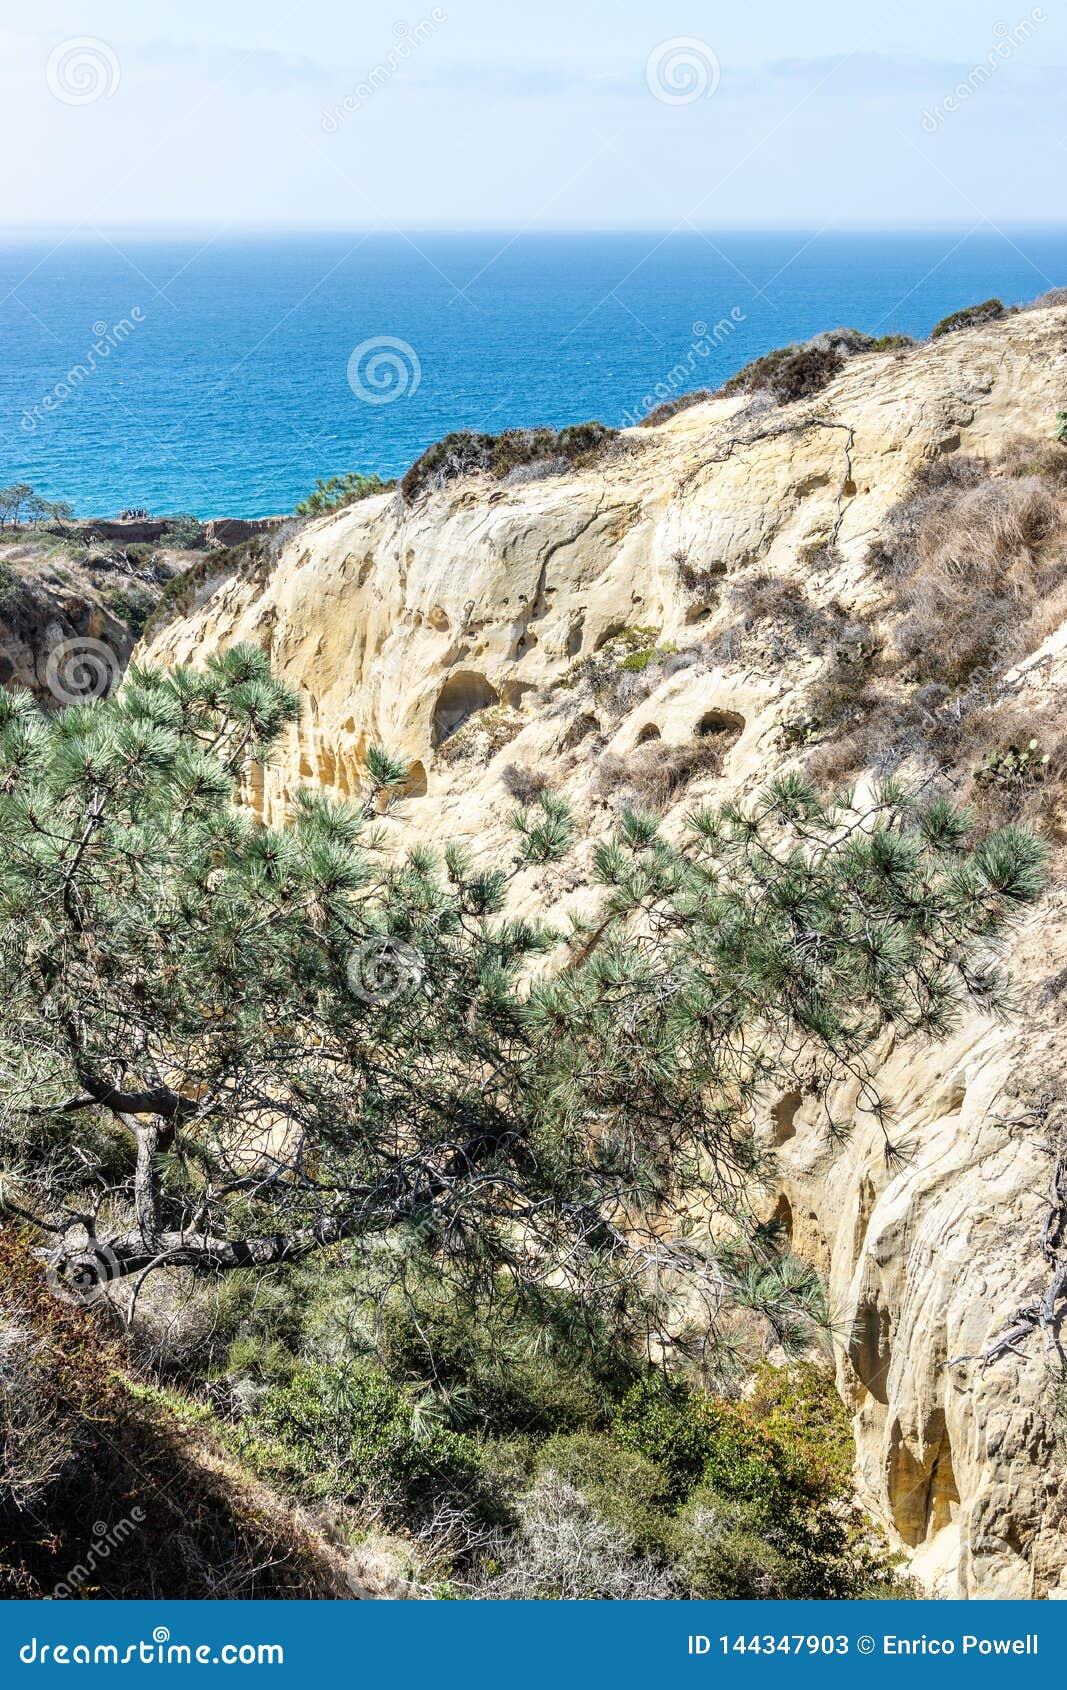 Torrey Pines State Reserve e praia em San Diego, Califórnia